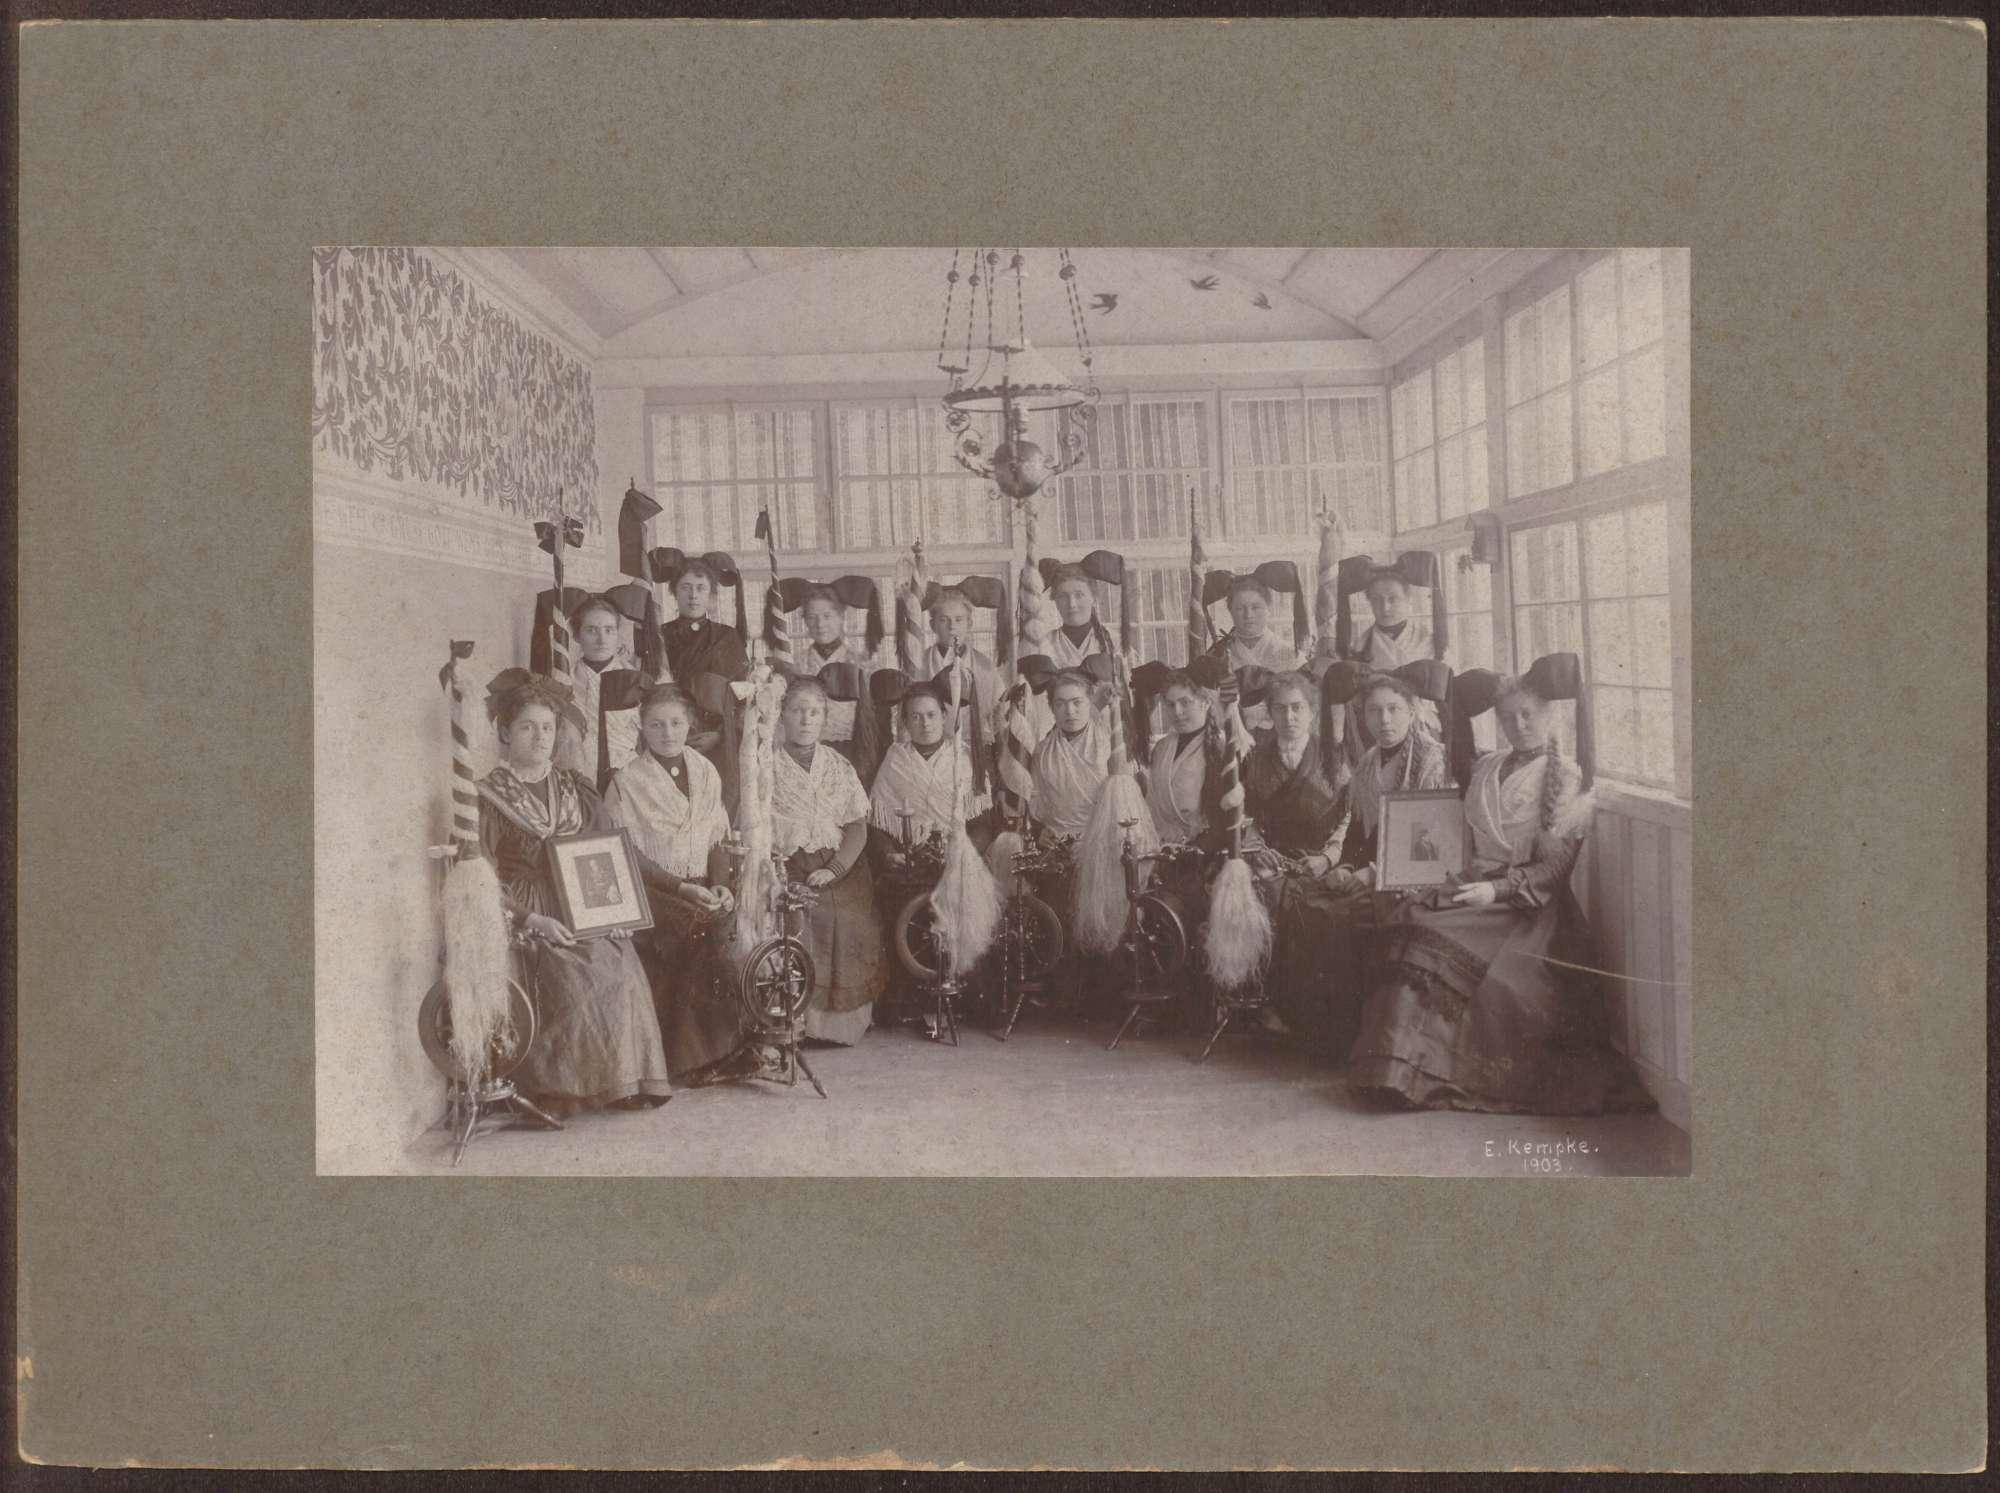 Spinnerinnen aus Staufen in Markgräfler Tracht., Bild 1